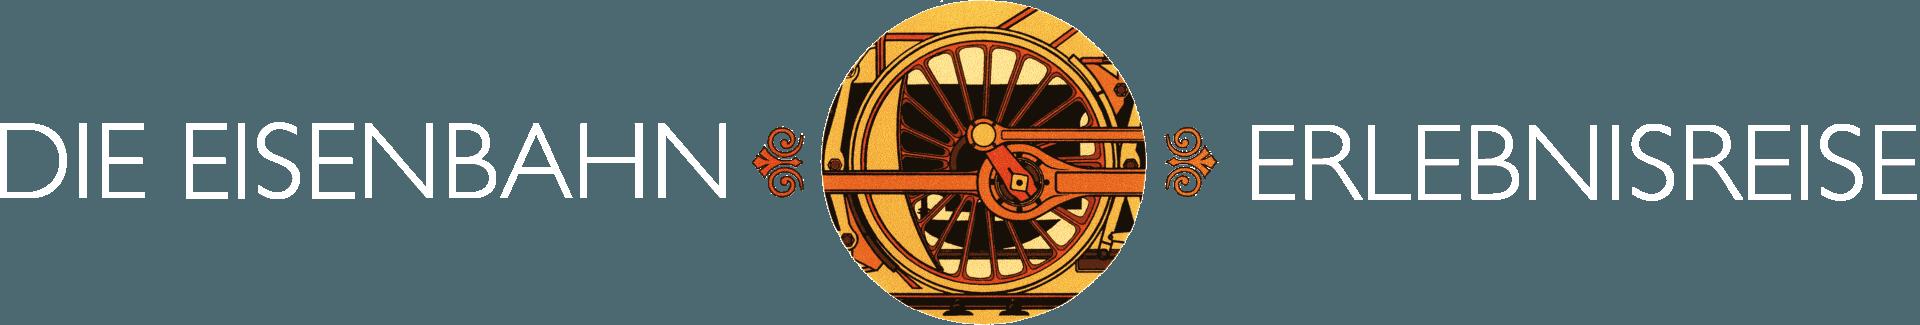 Die Eisenbahn Erlebnis Reise